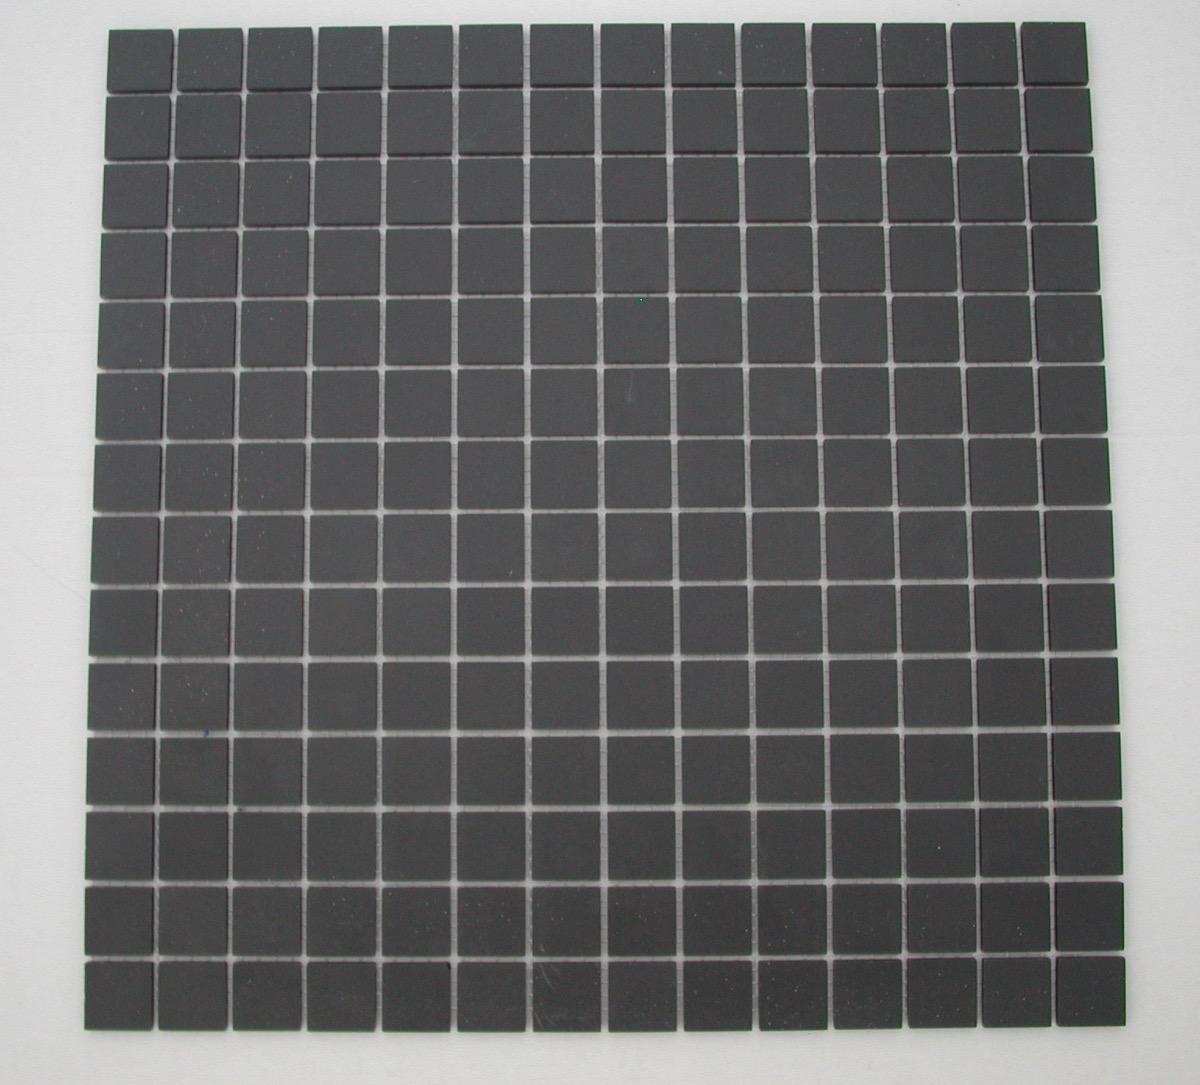 Mosaique gr s noir plaque winckelmans achat de carrelage for Plaque pour carrelage